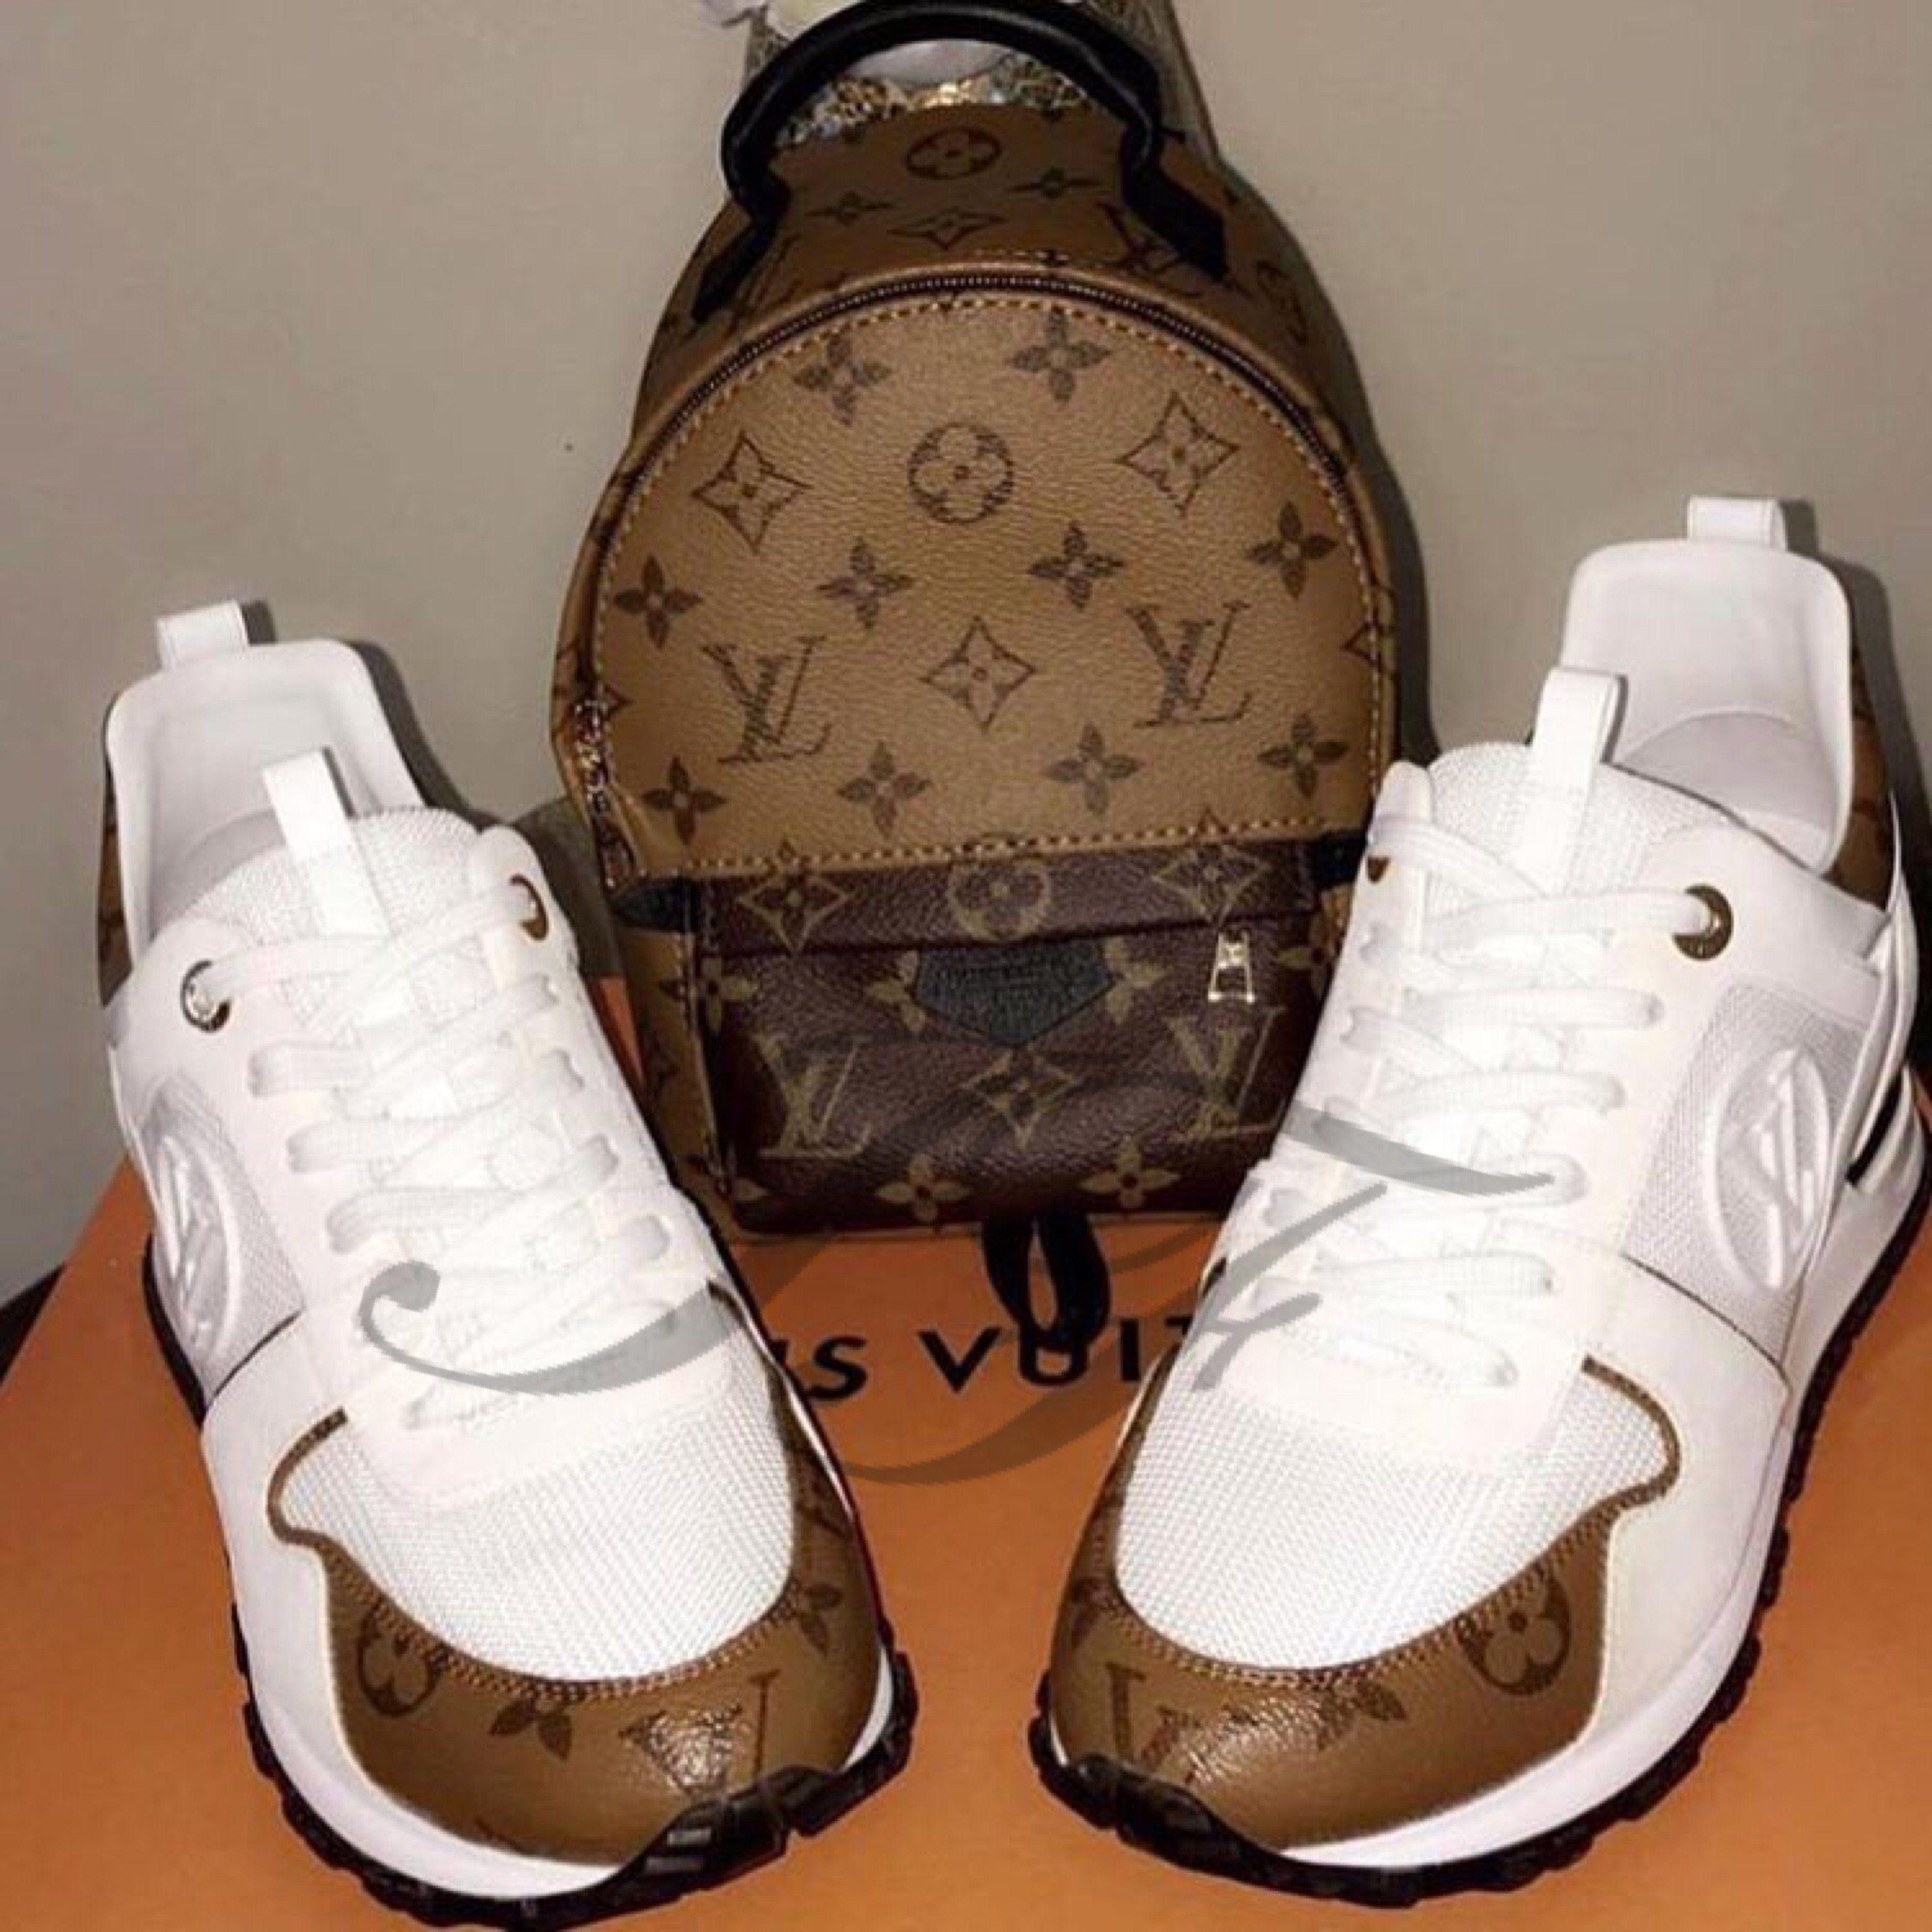 Lv shoes, Louis vuitton shoes sneakers